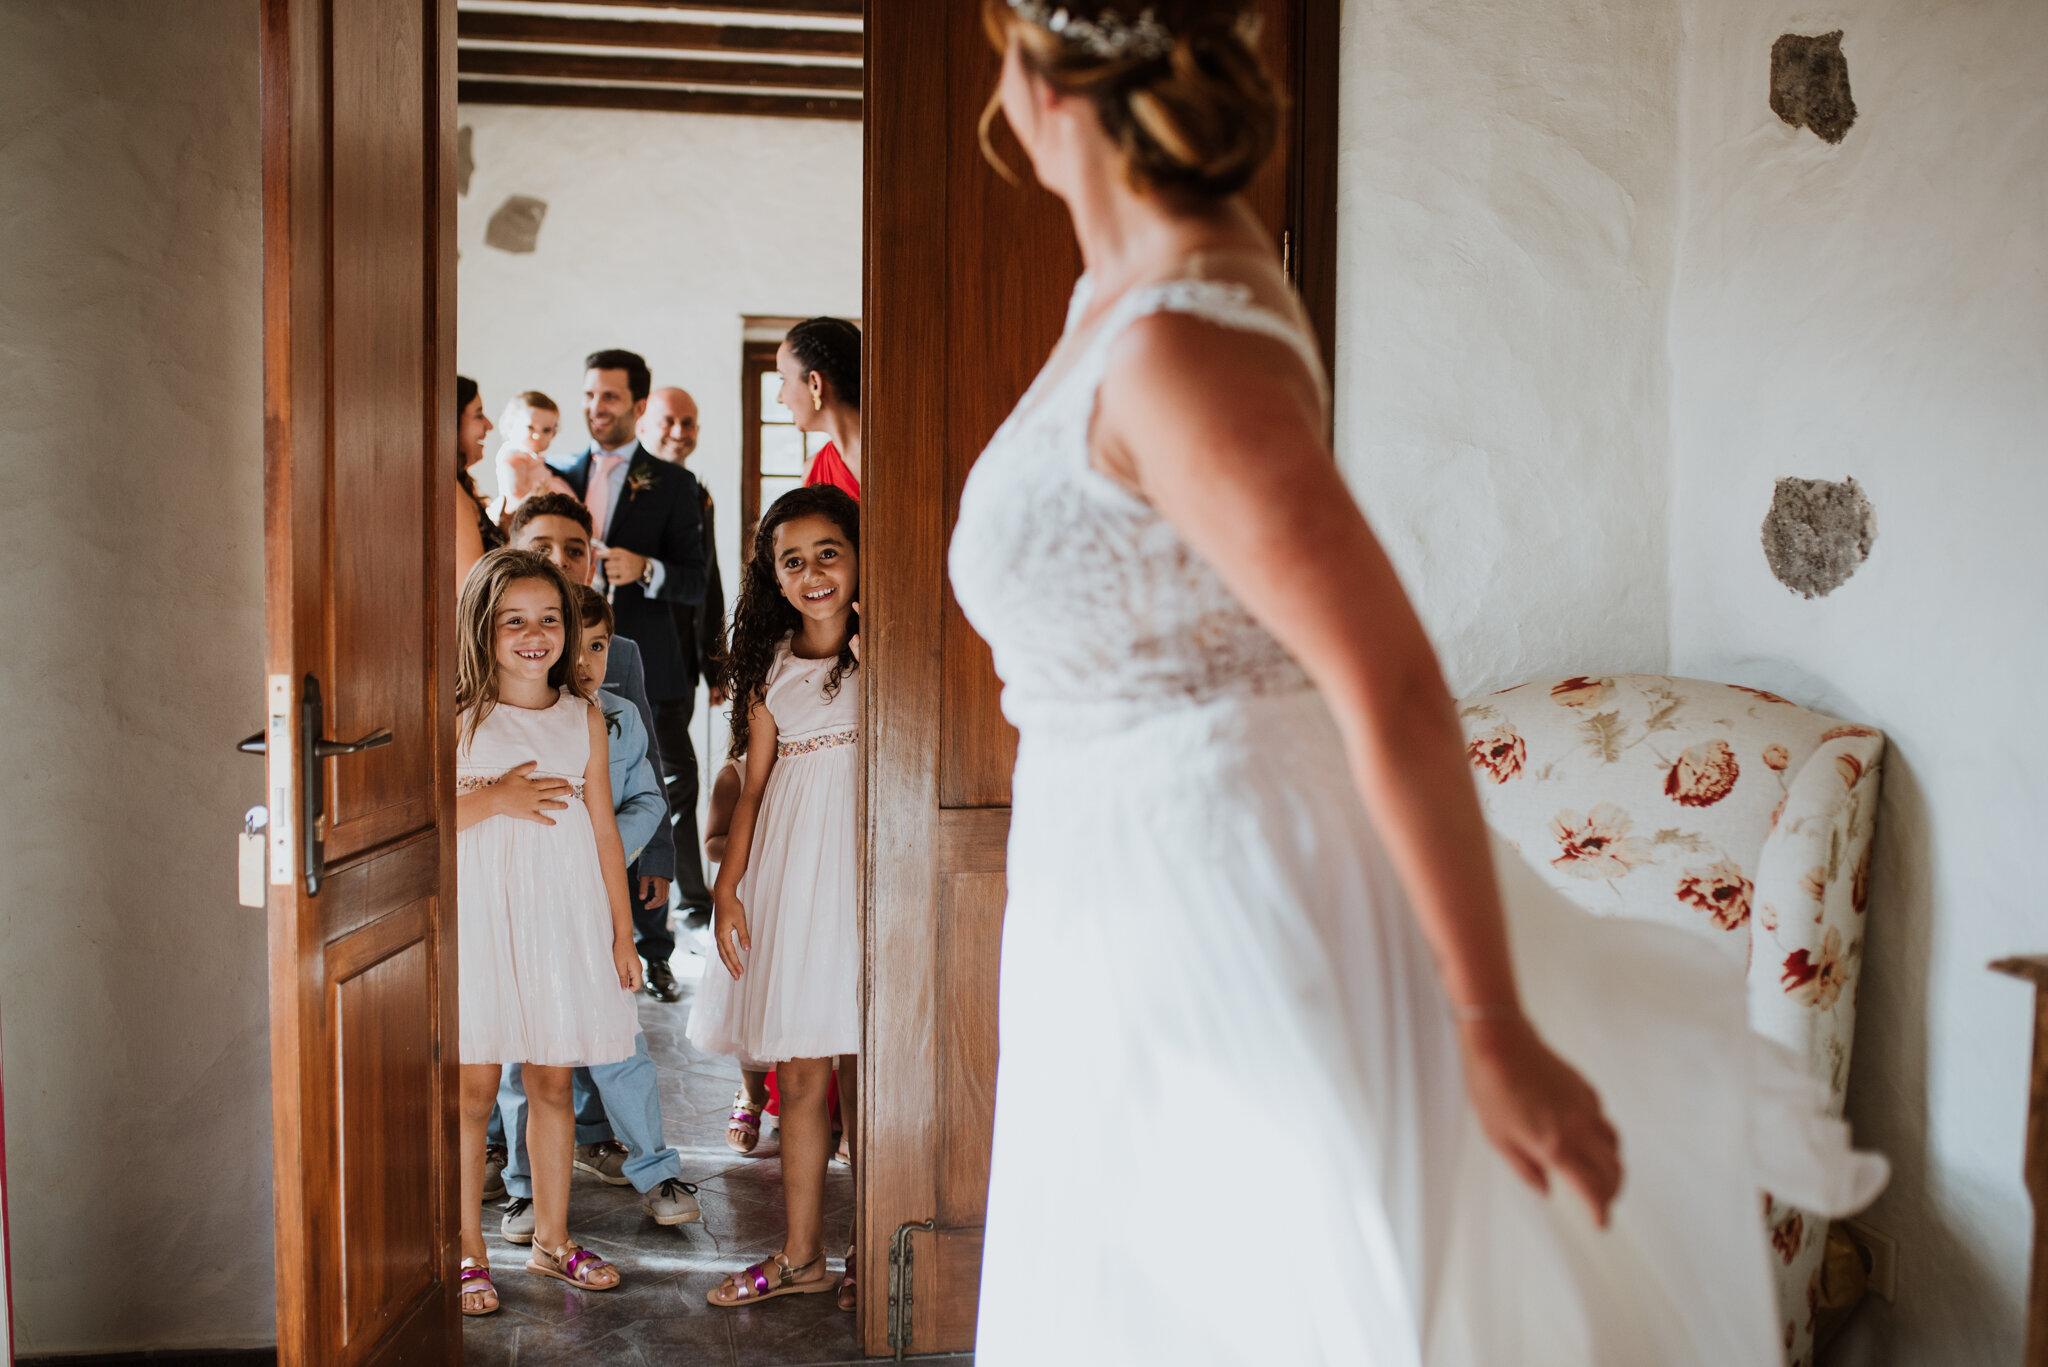 fotografo de bodas las palmas_-40.jpg